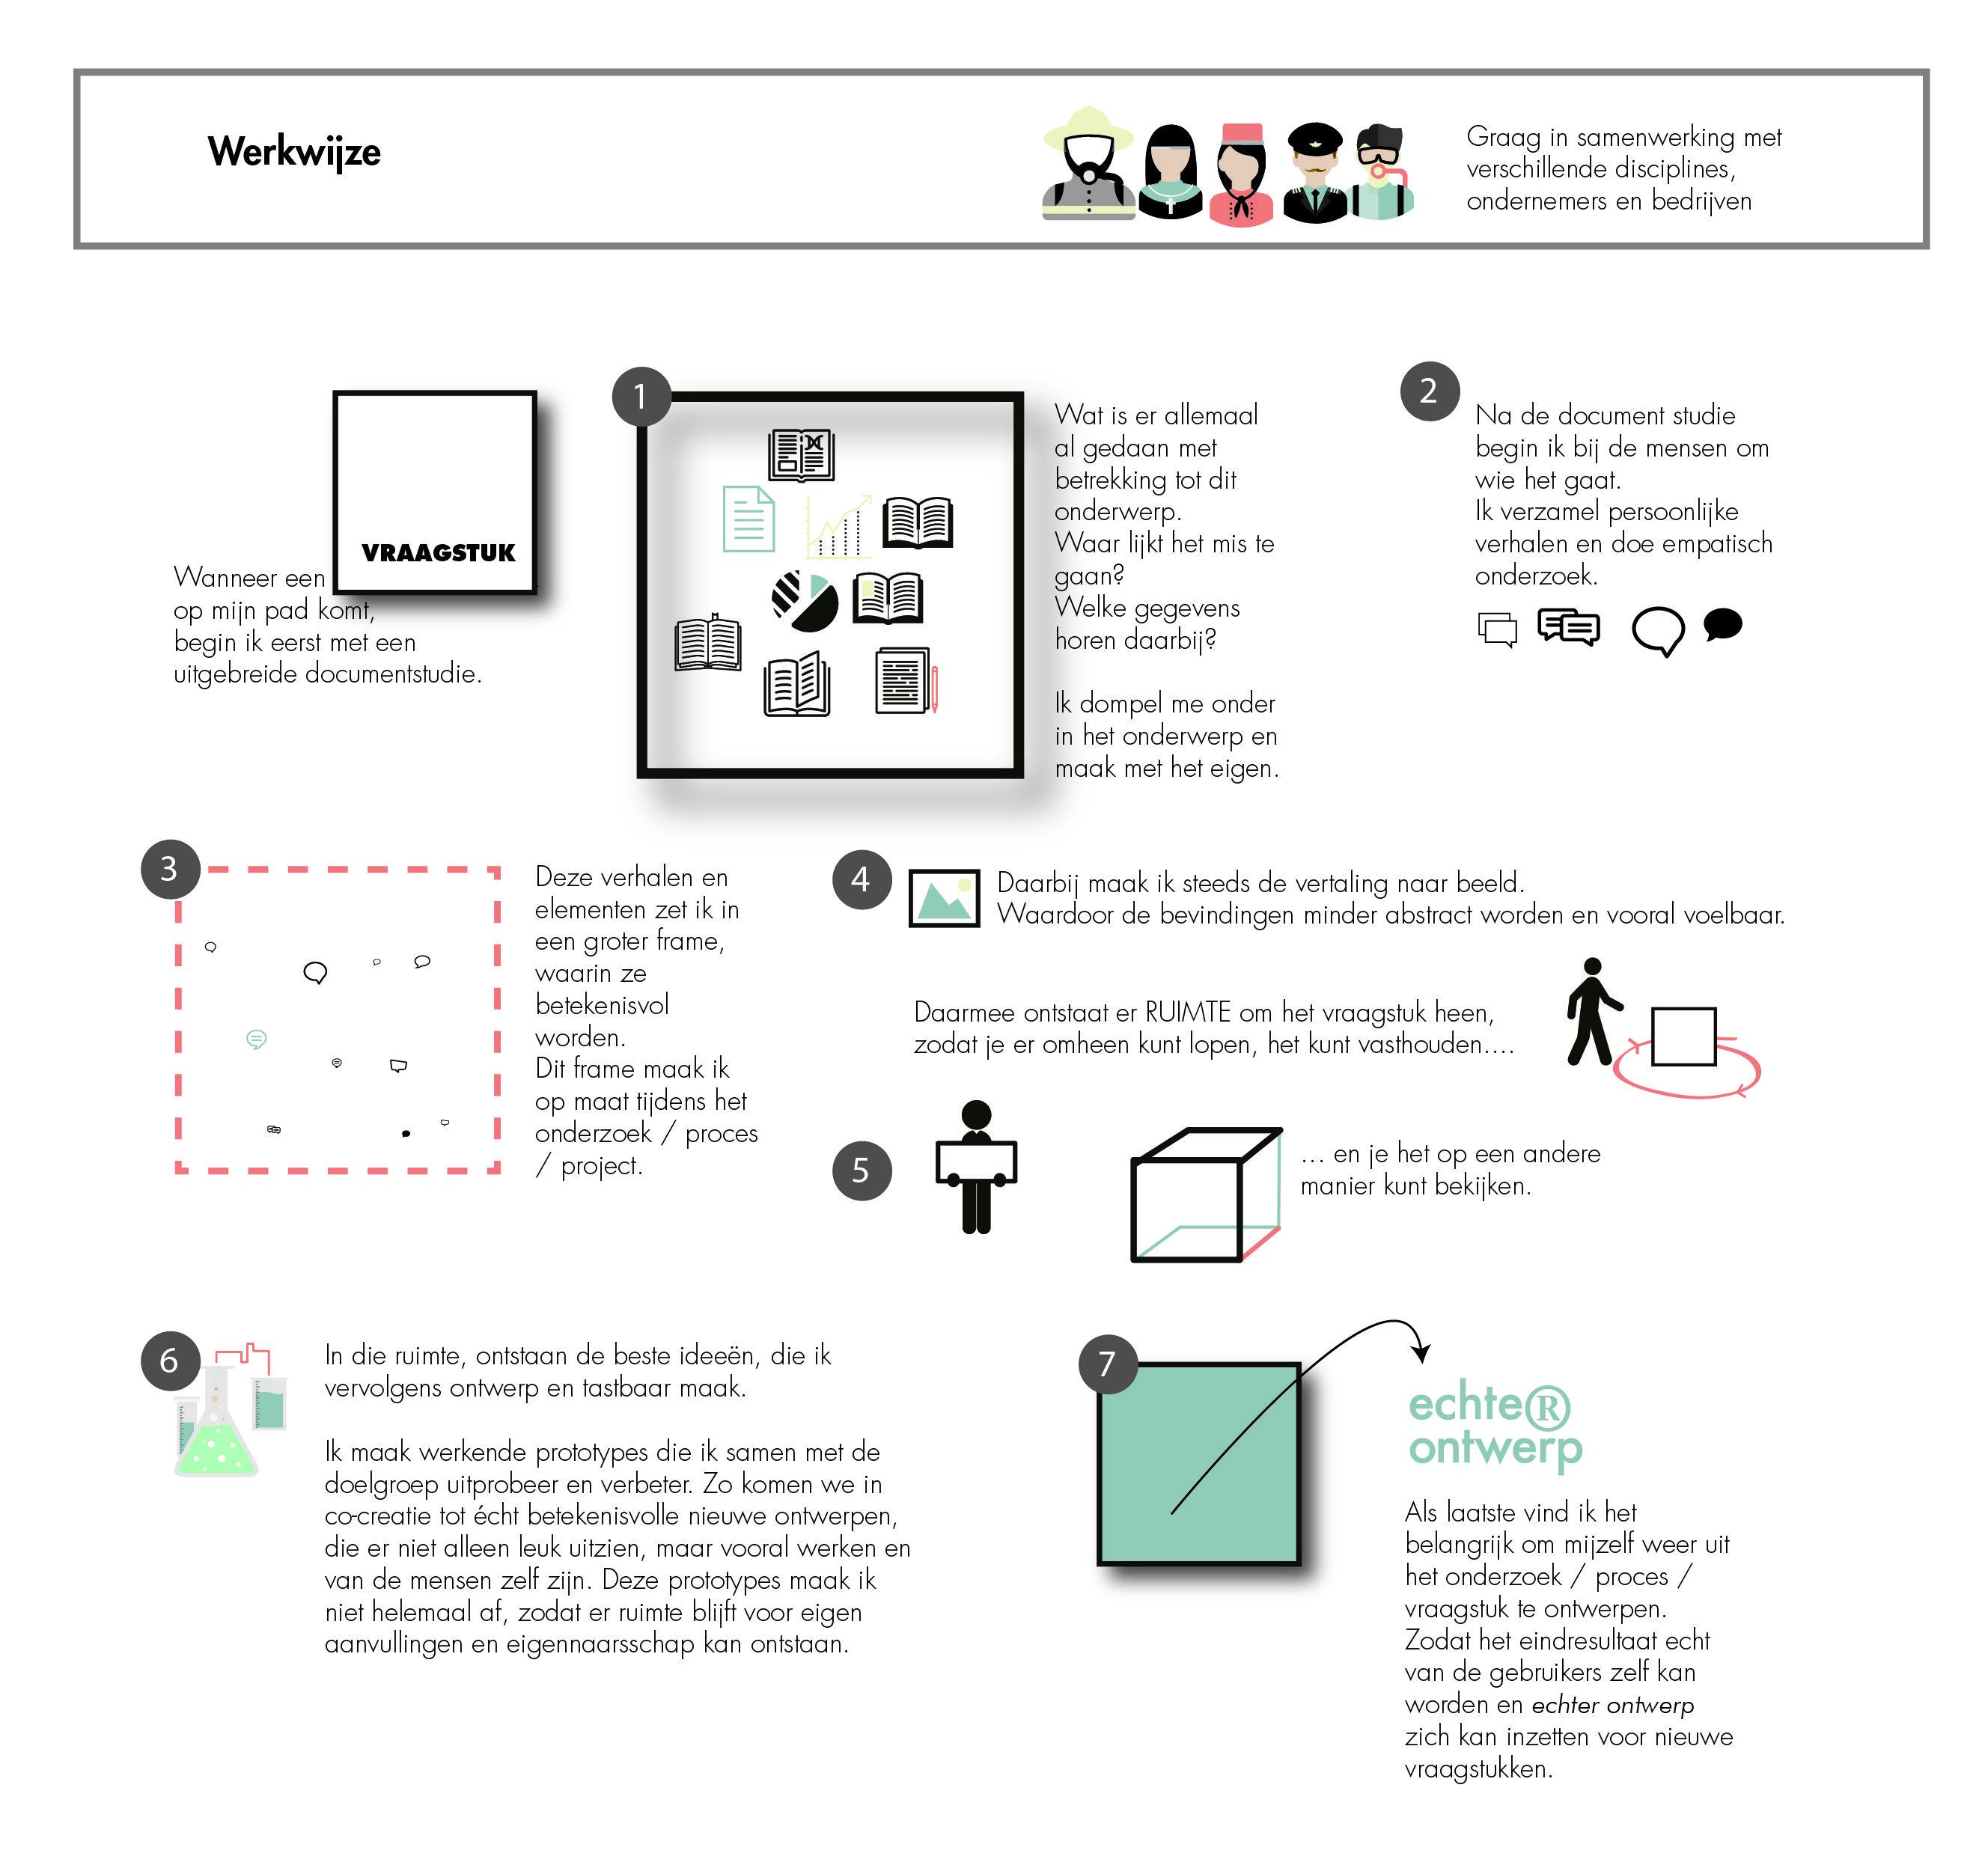 echter ontwerp social design amersfoort werkwijze design thinking